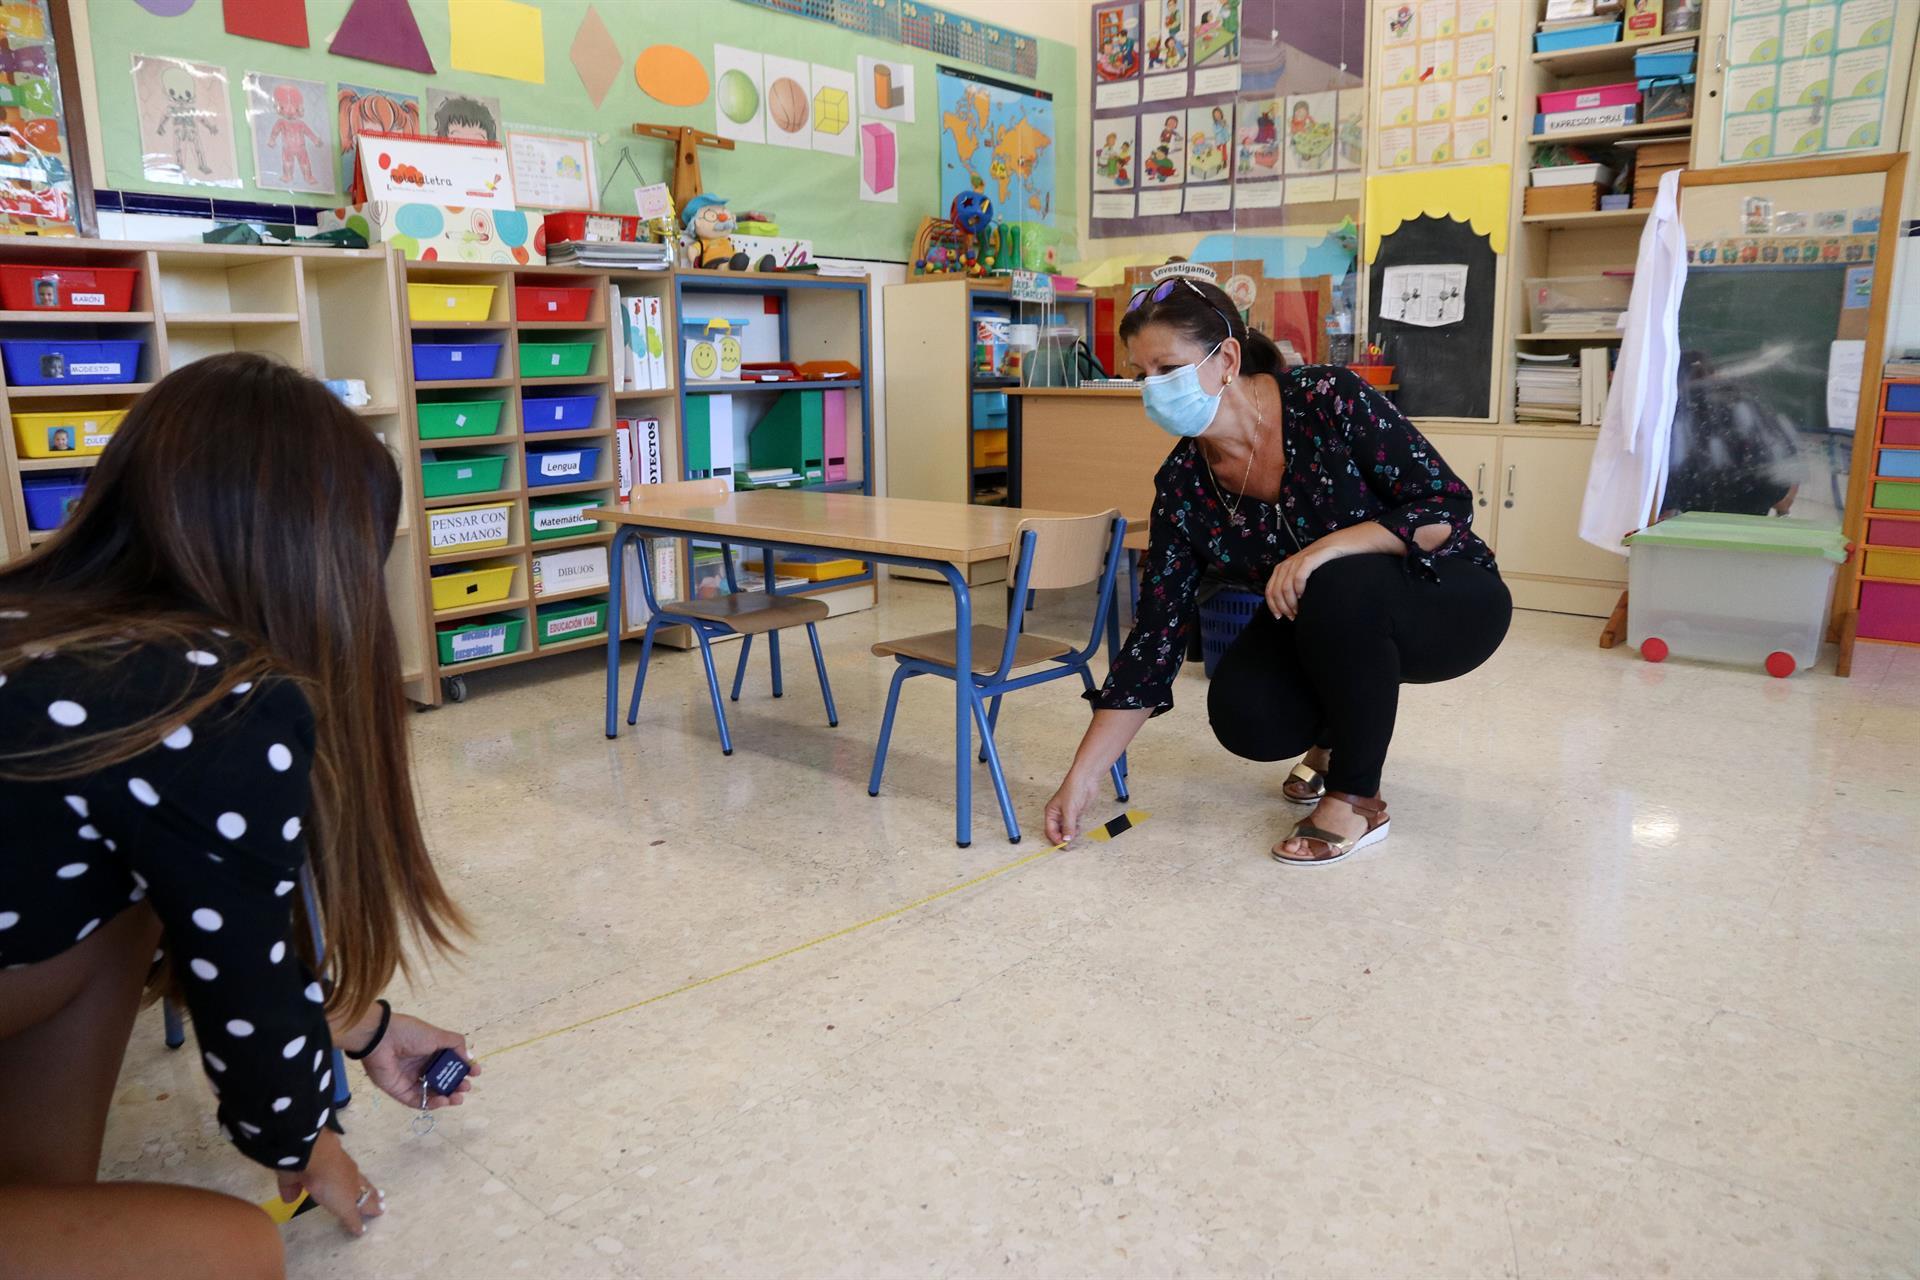 El Gobierno propone mantener mascarillas y 'grupos burbuja' el próximo curso escolar y reducir distancia a 1,2 metros